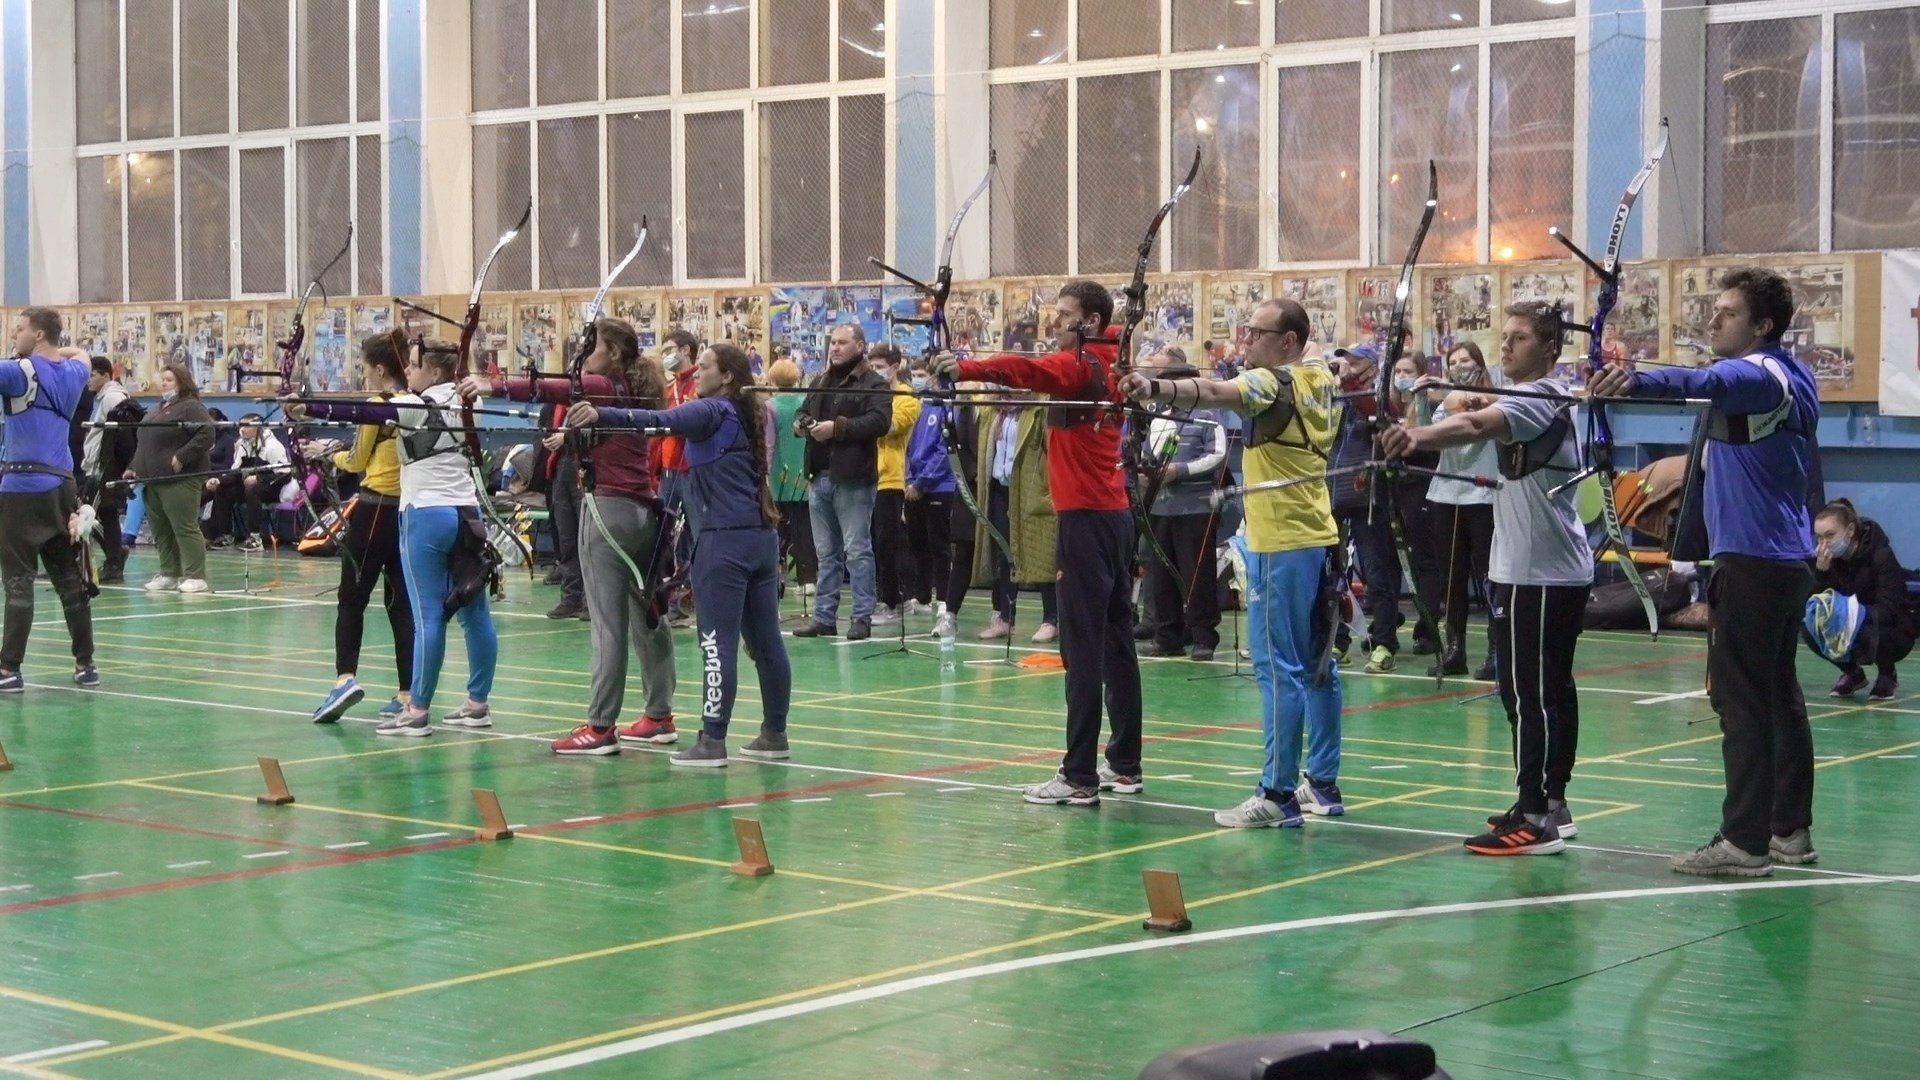 Спортивный год в Харькове стартовал турниром по стрельбе из лука (фото)